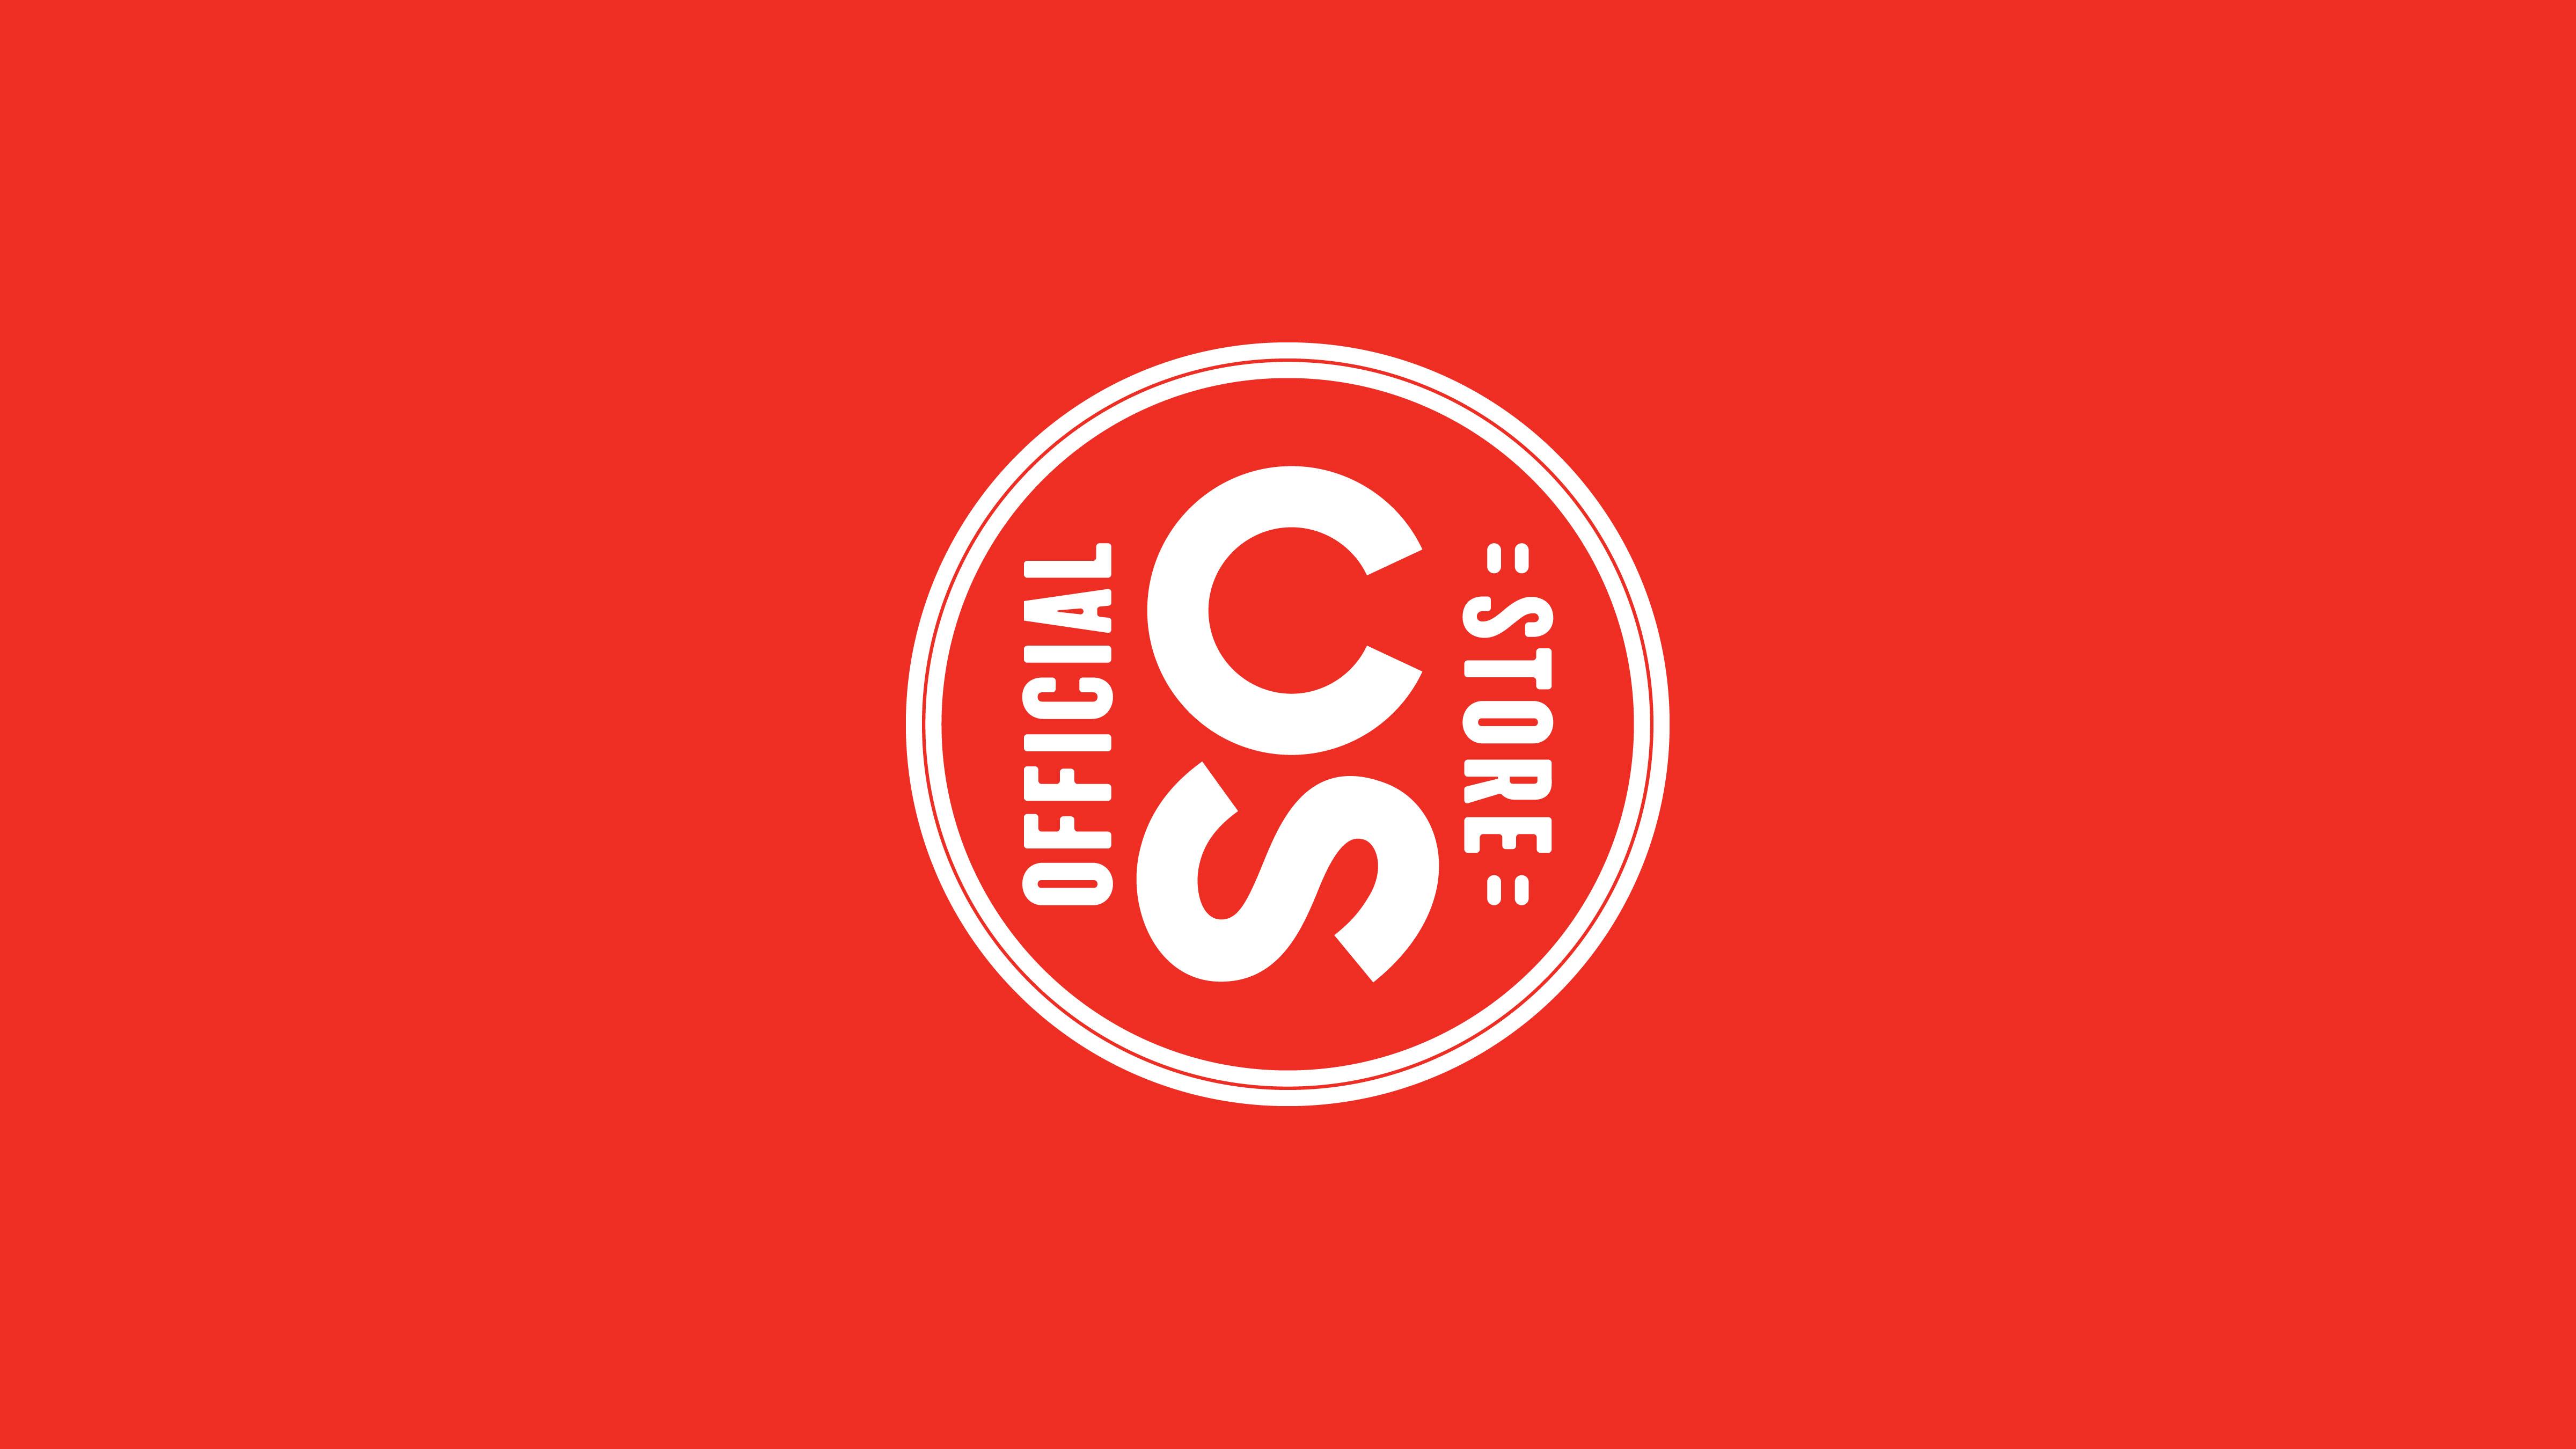 Calgary Stampede Licensed Merchandise Standards